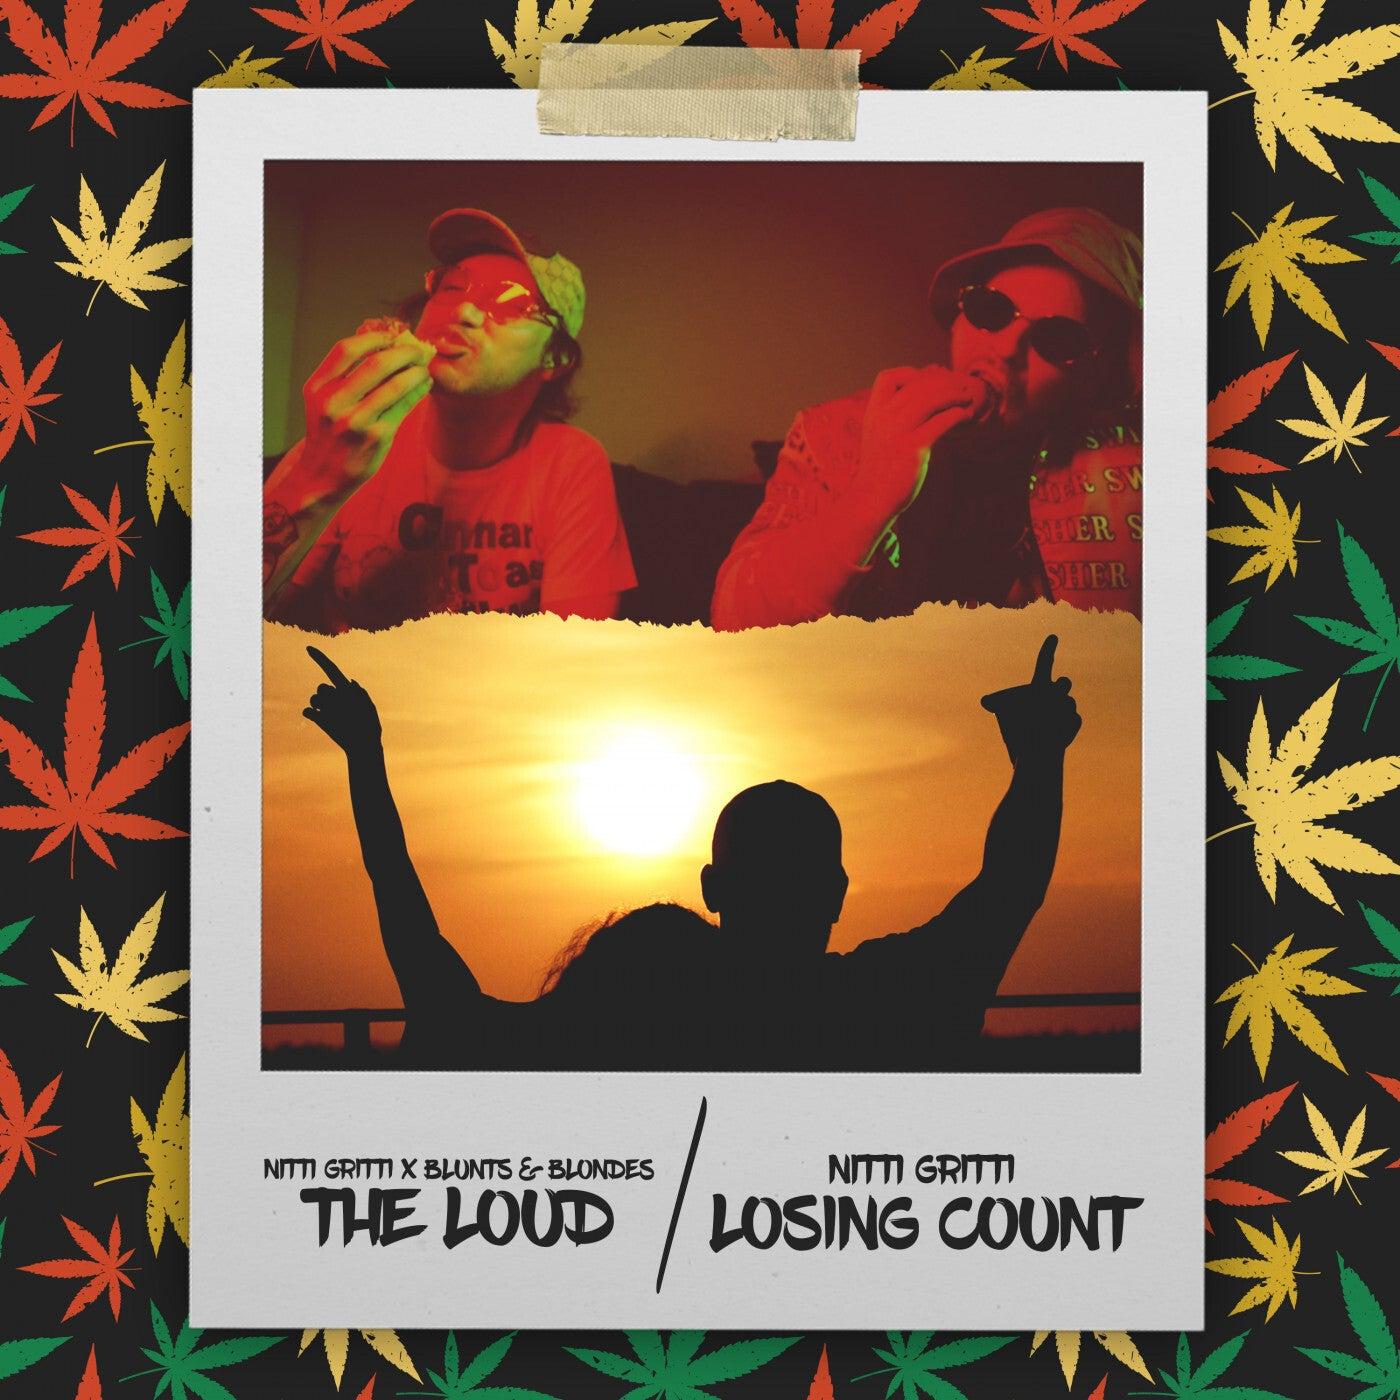 The Loud (Original Mix)